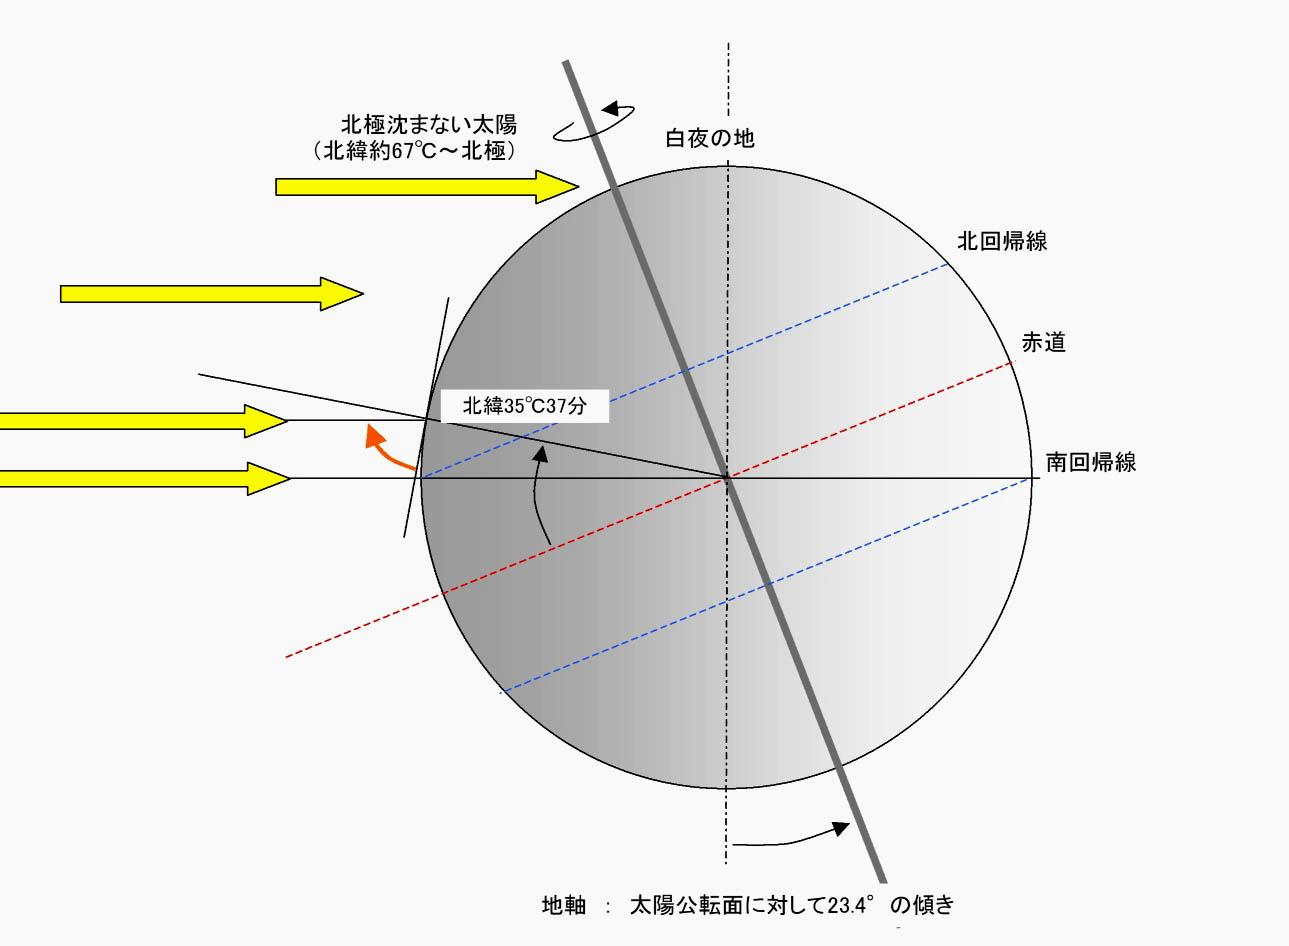 夏至の太陽高度(東京付近)(1)